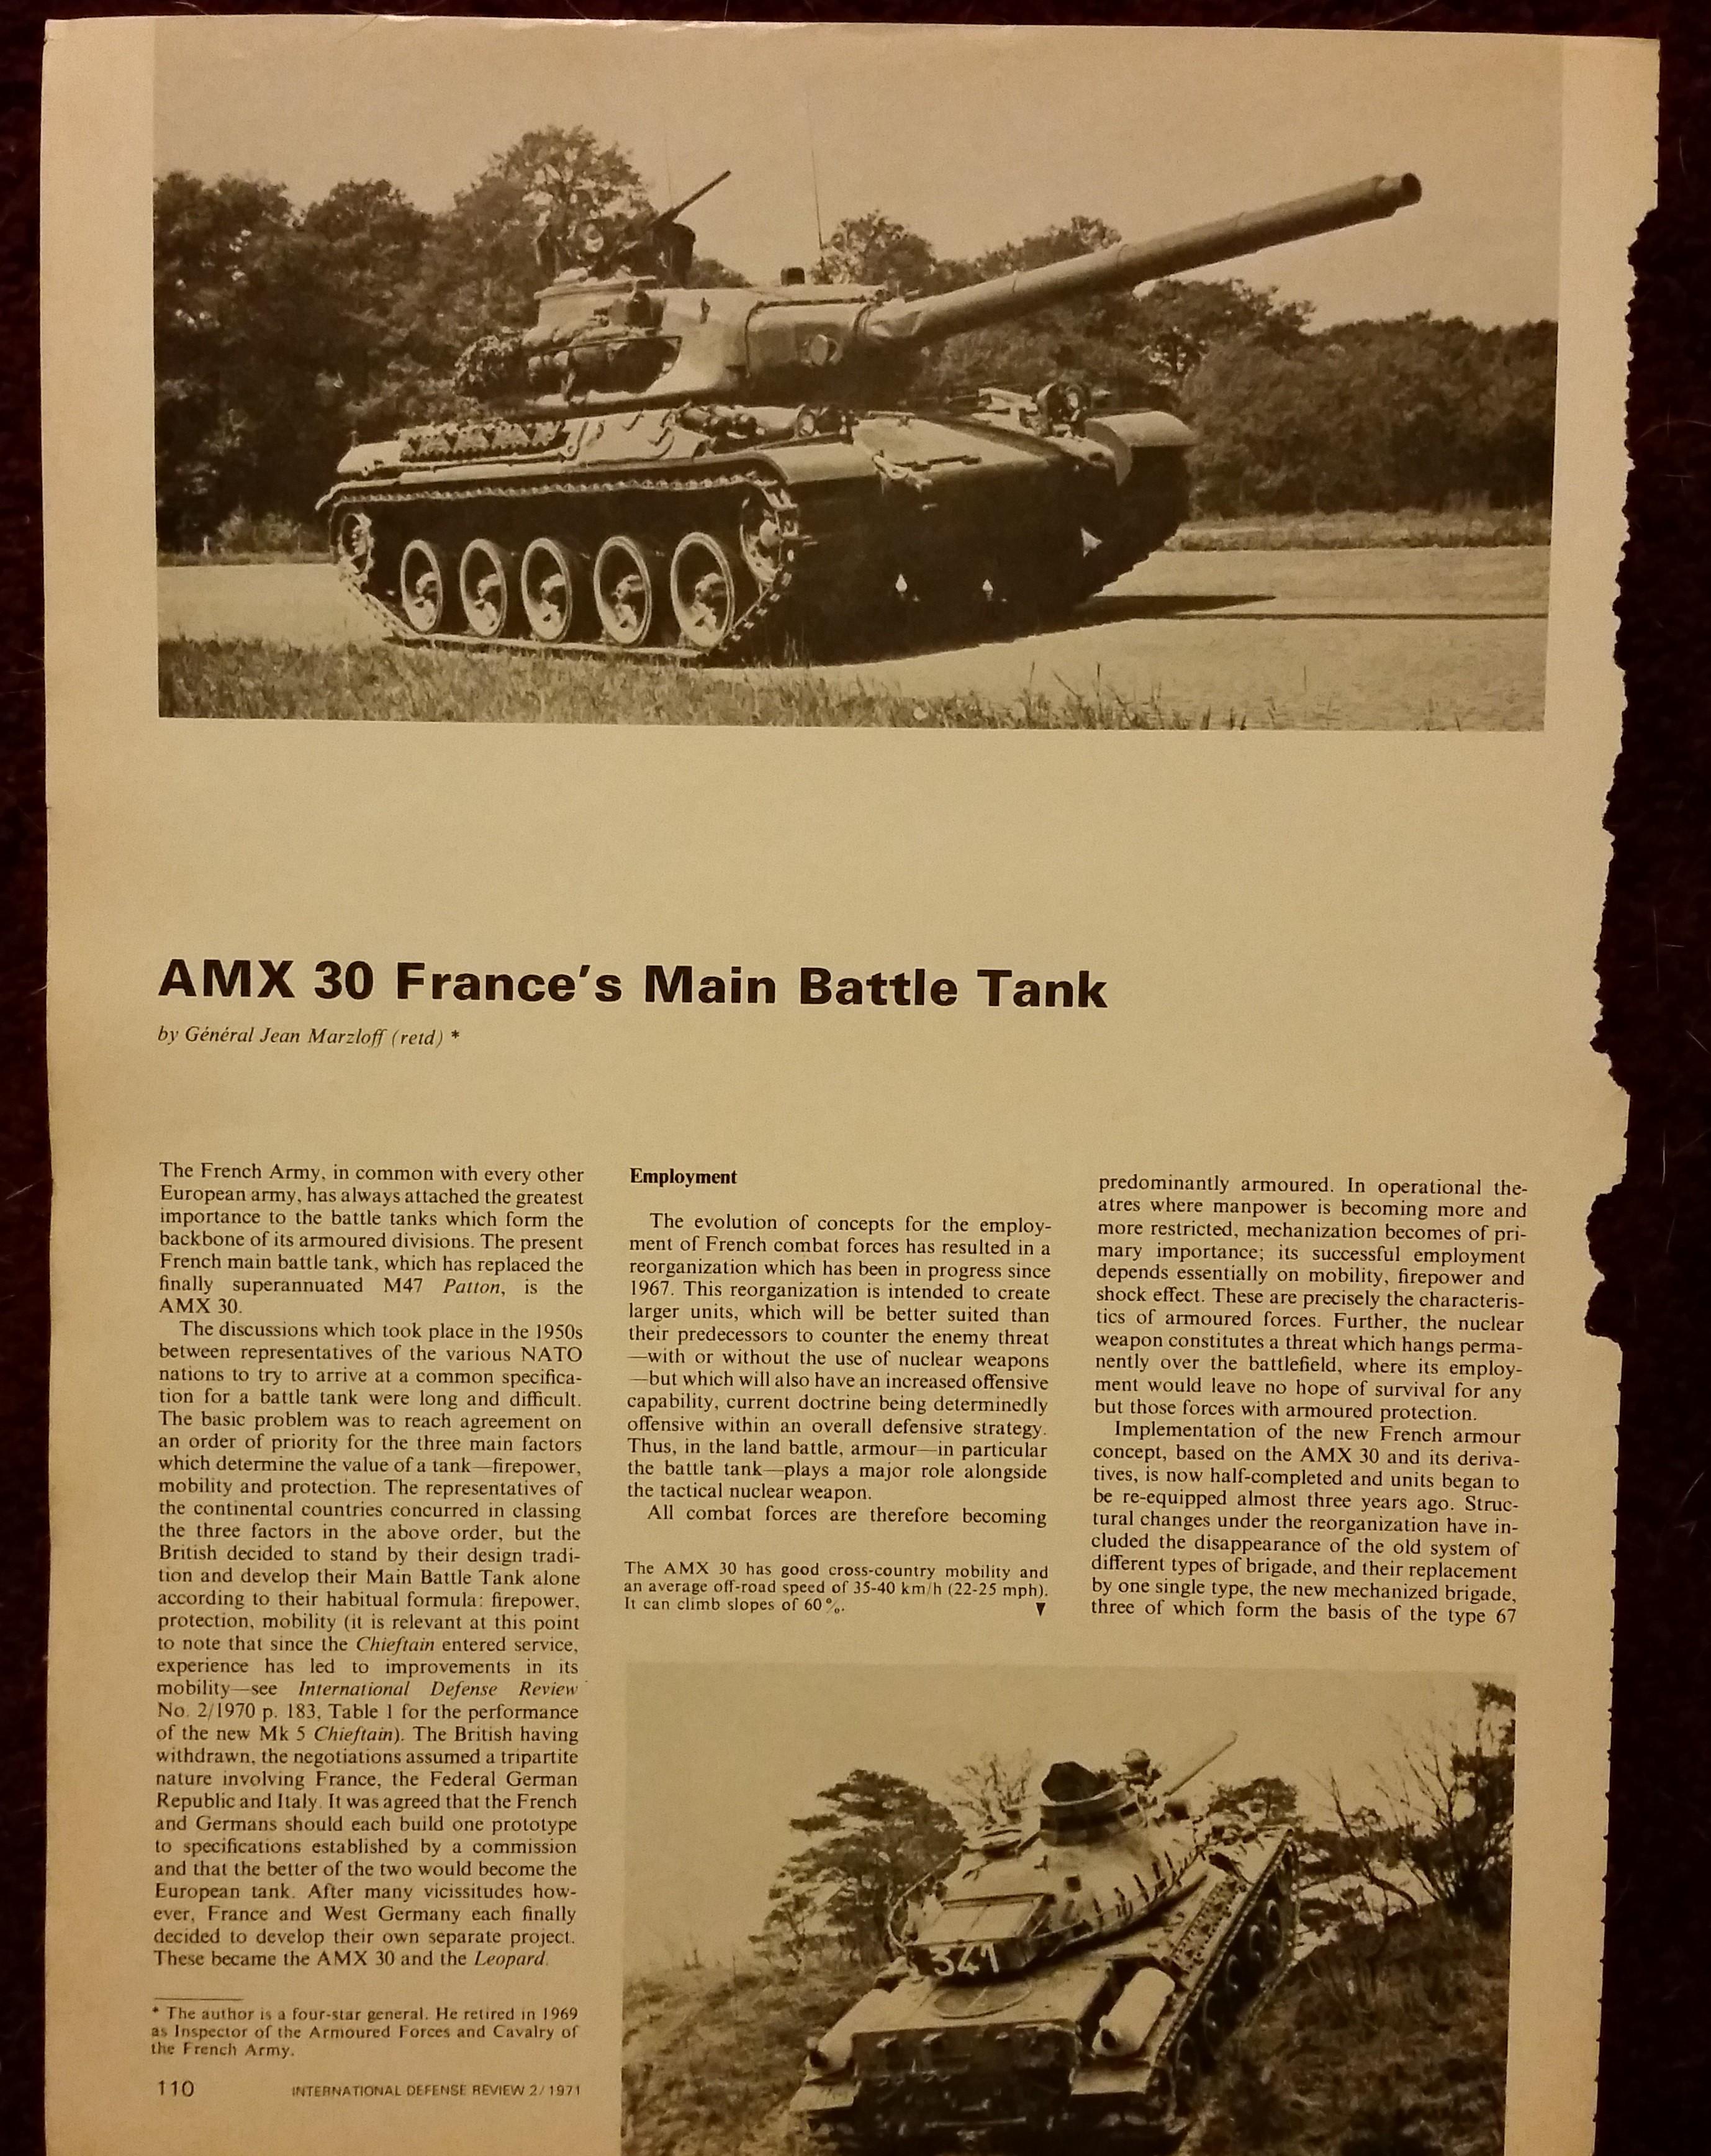 amx-30-page-1-e1428293325524.jpg